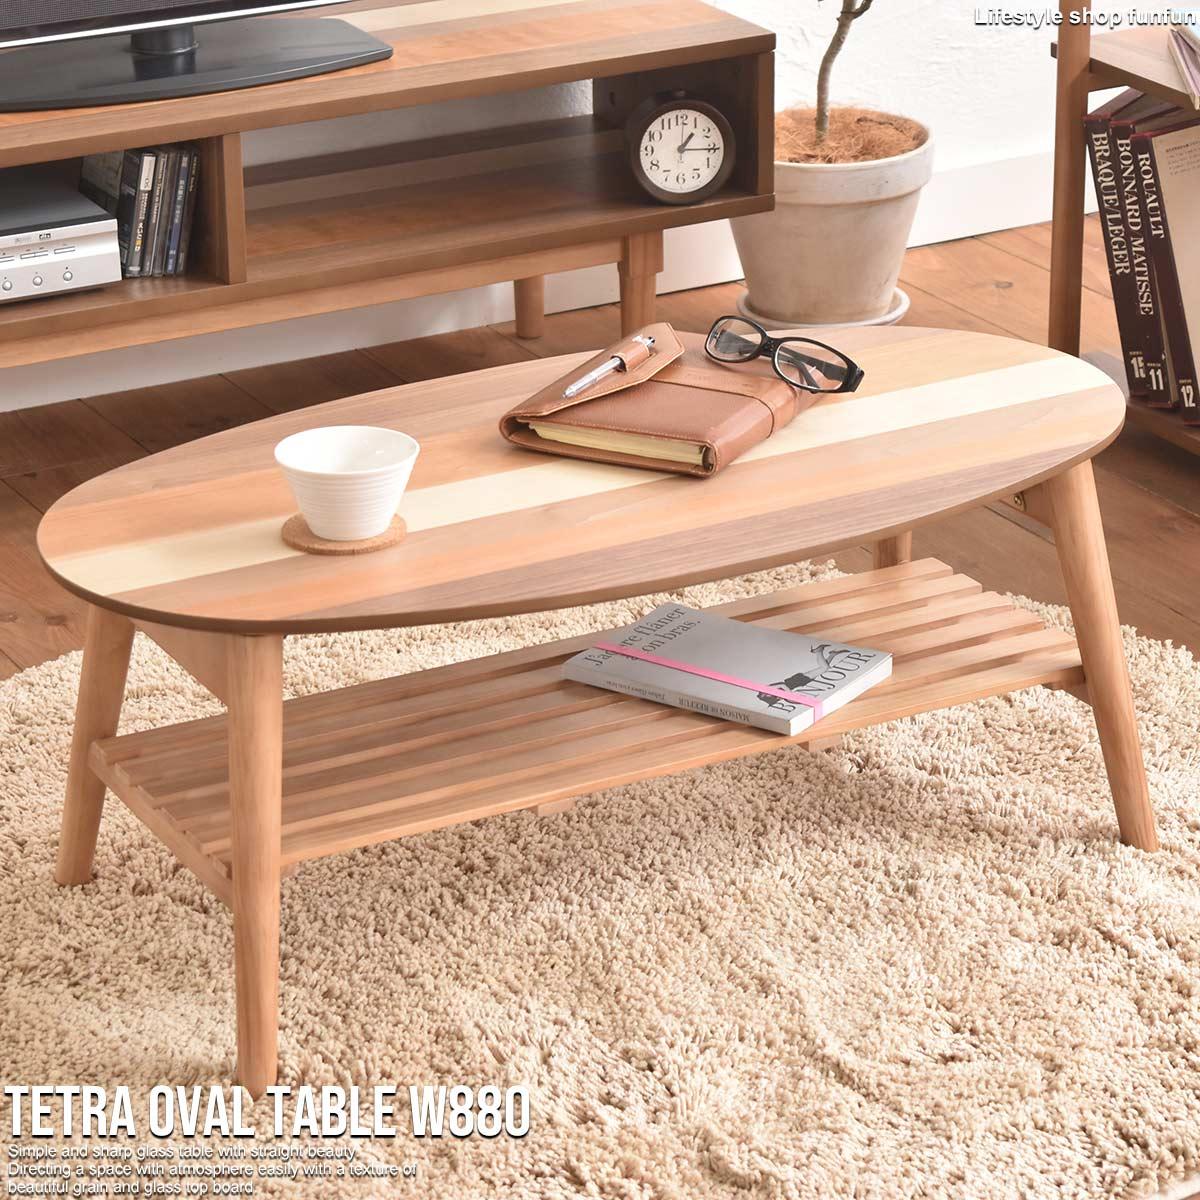 【あす楽】テーブル 折りたたみテーブル センターテーブル Tetra テトラ 幅88cm 折り畳み 座卓 ちゃぶ台 おりたたみ おしゃれ 西海岸 かわいい オーバル 丸型 丸形 ローテーブル リビングテーブル